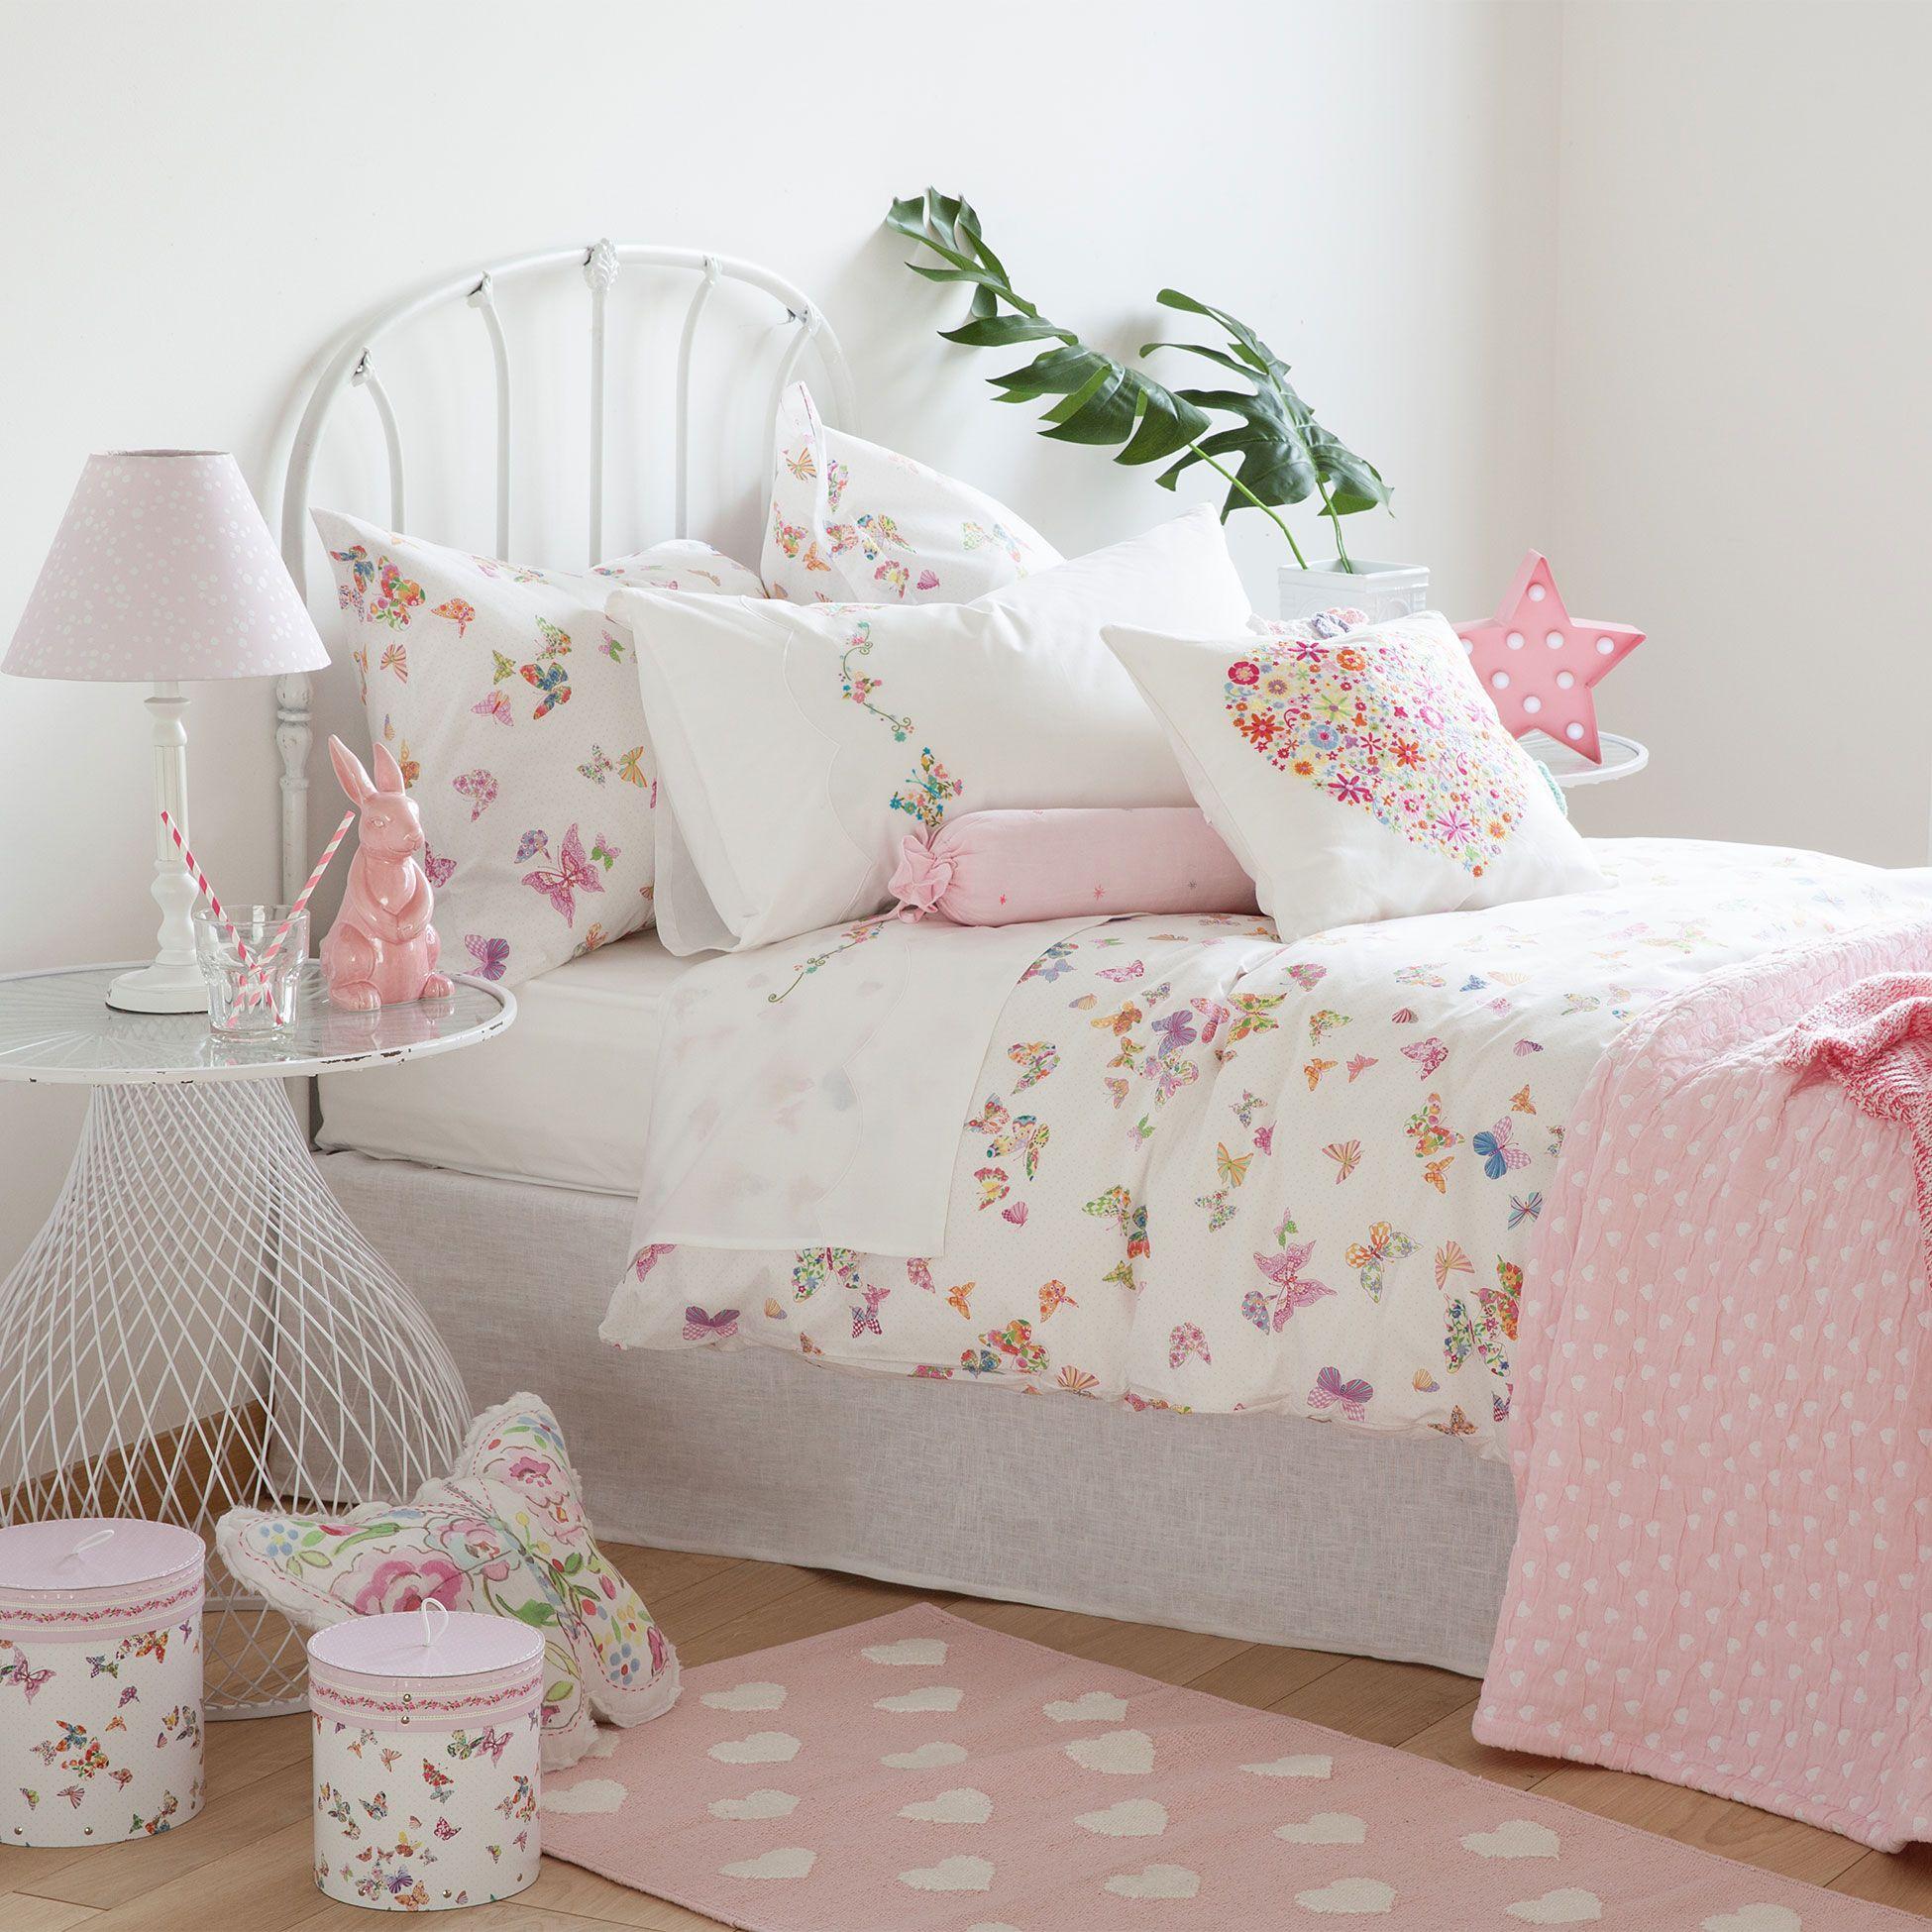 S banas y fundas estampado mariposas deco infantil zara home cama dormitorio shabby chic y Sabanas para ninas